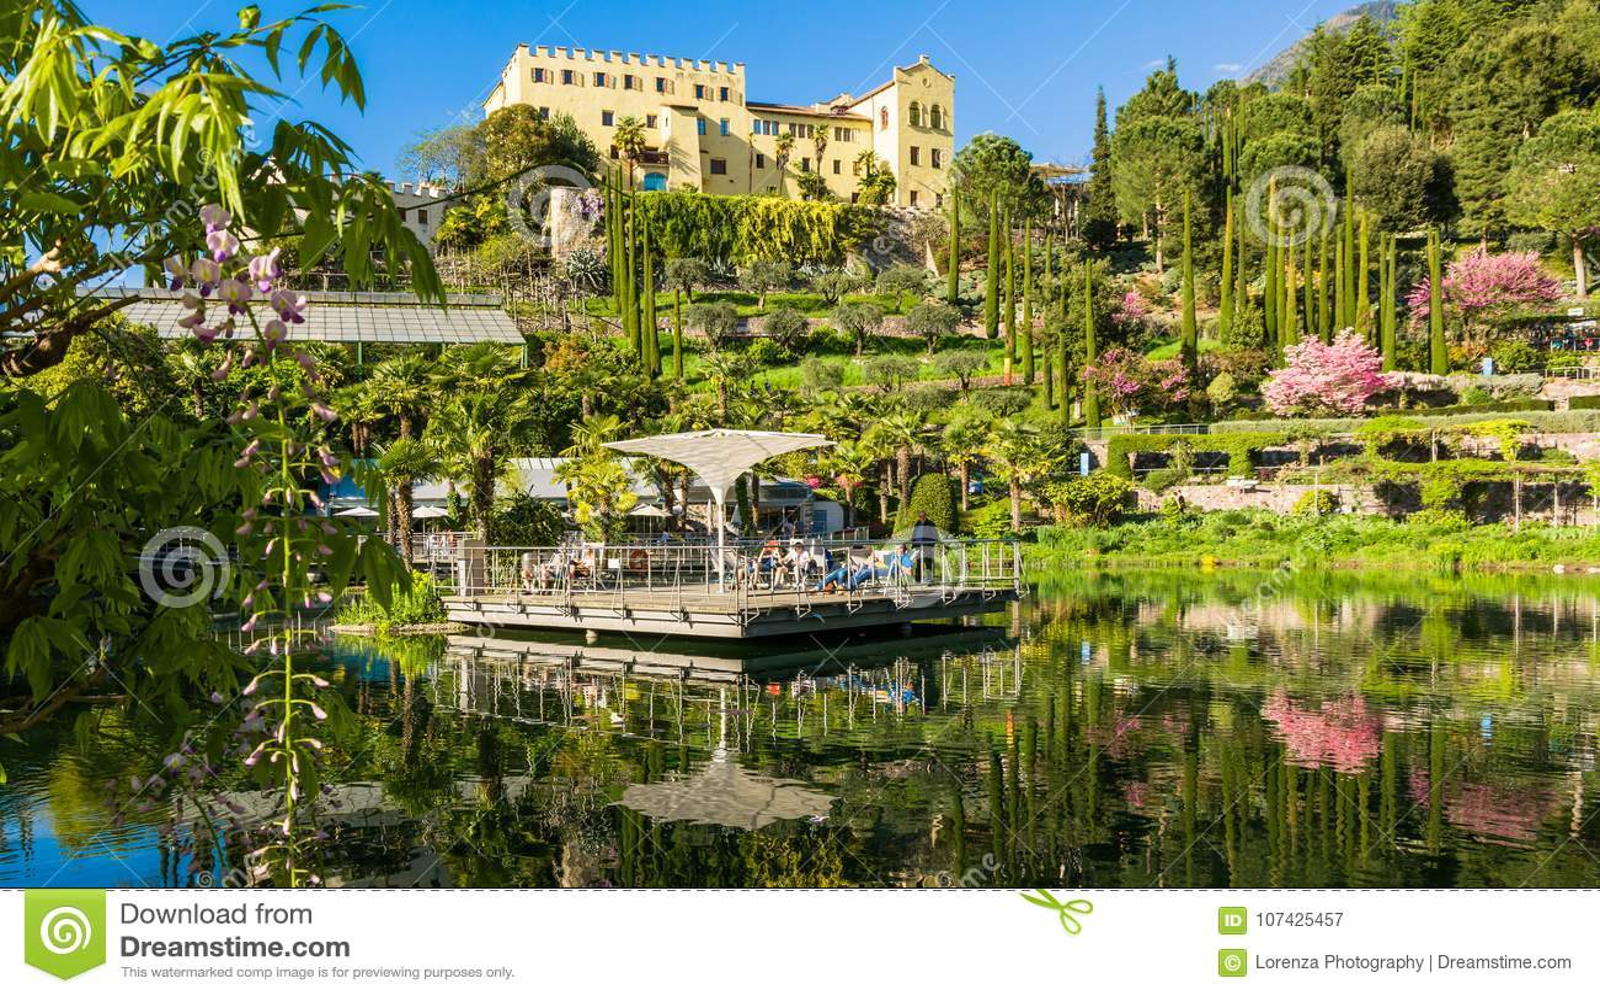 Os jardins botânicos de Trauttmansdorff fortificam, Merano, Tirol sul, Itália, oferecem muitas atrações com botani